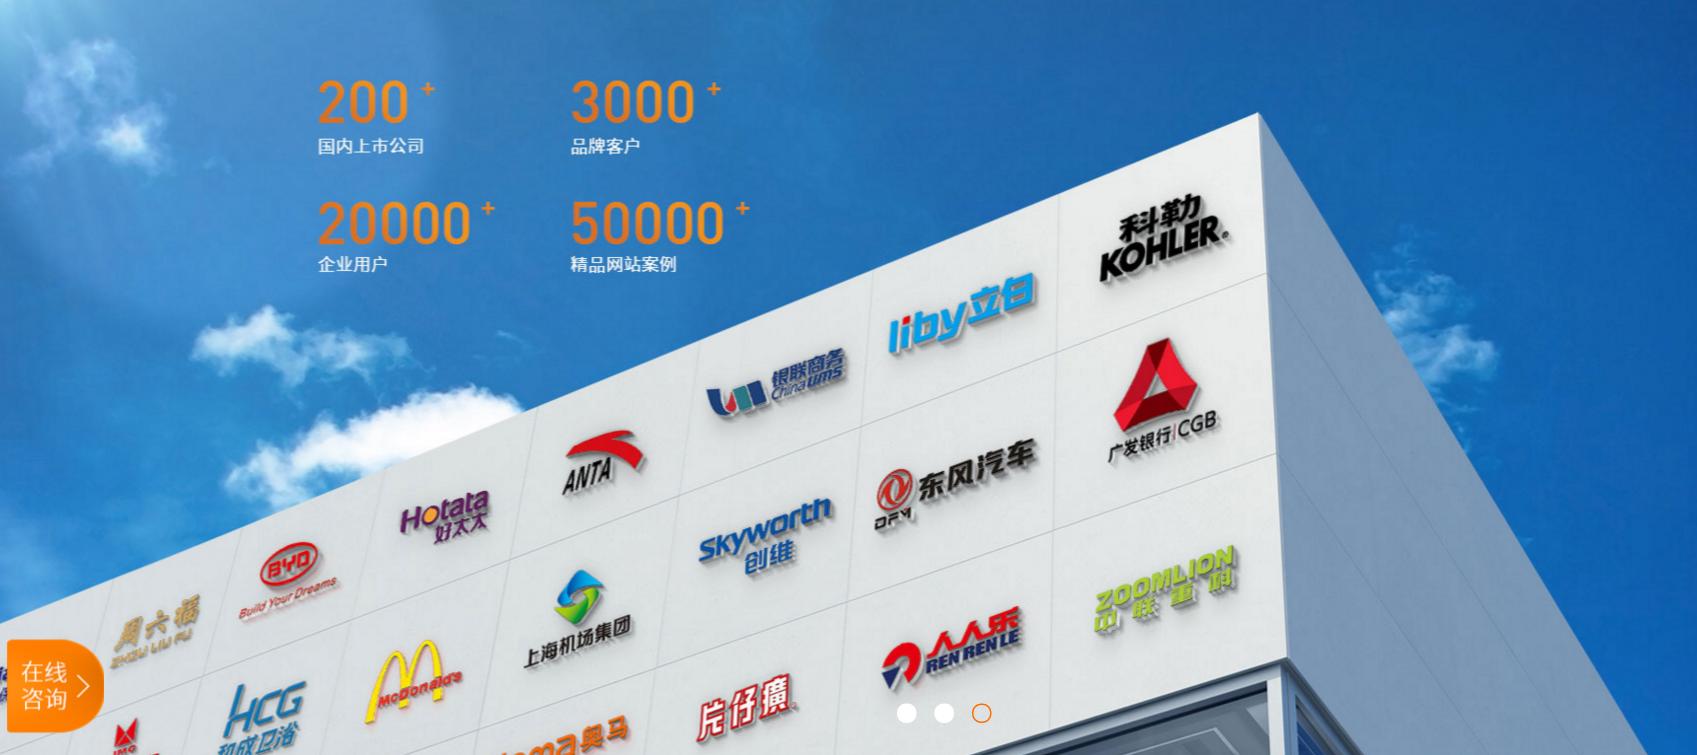 高端集团品牌门户手机公司企业网站官网建设开发制作定制设计改版